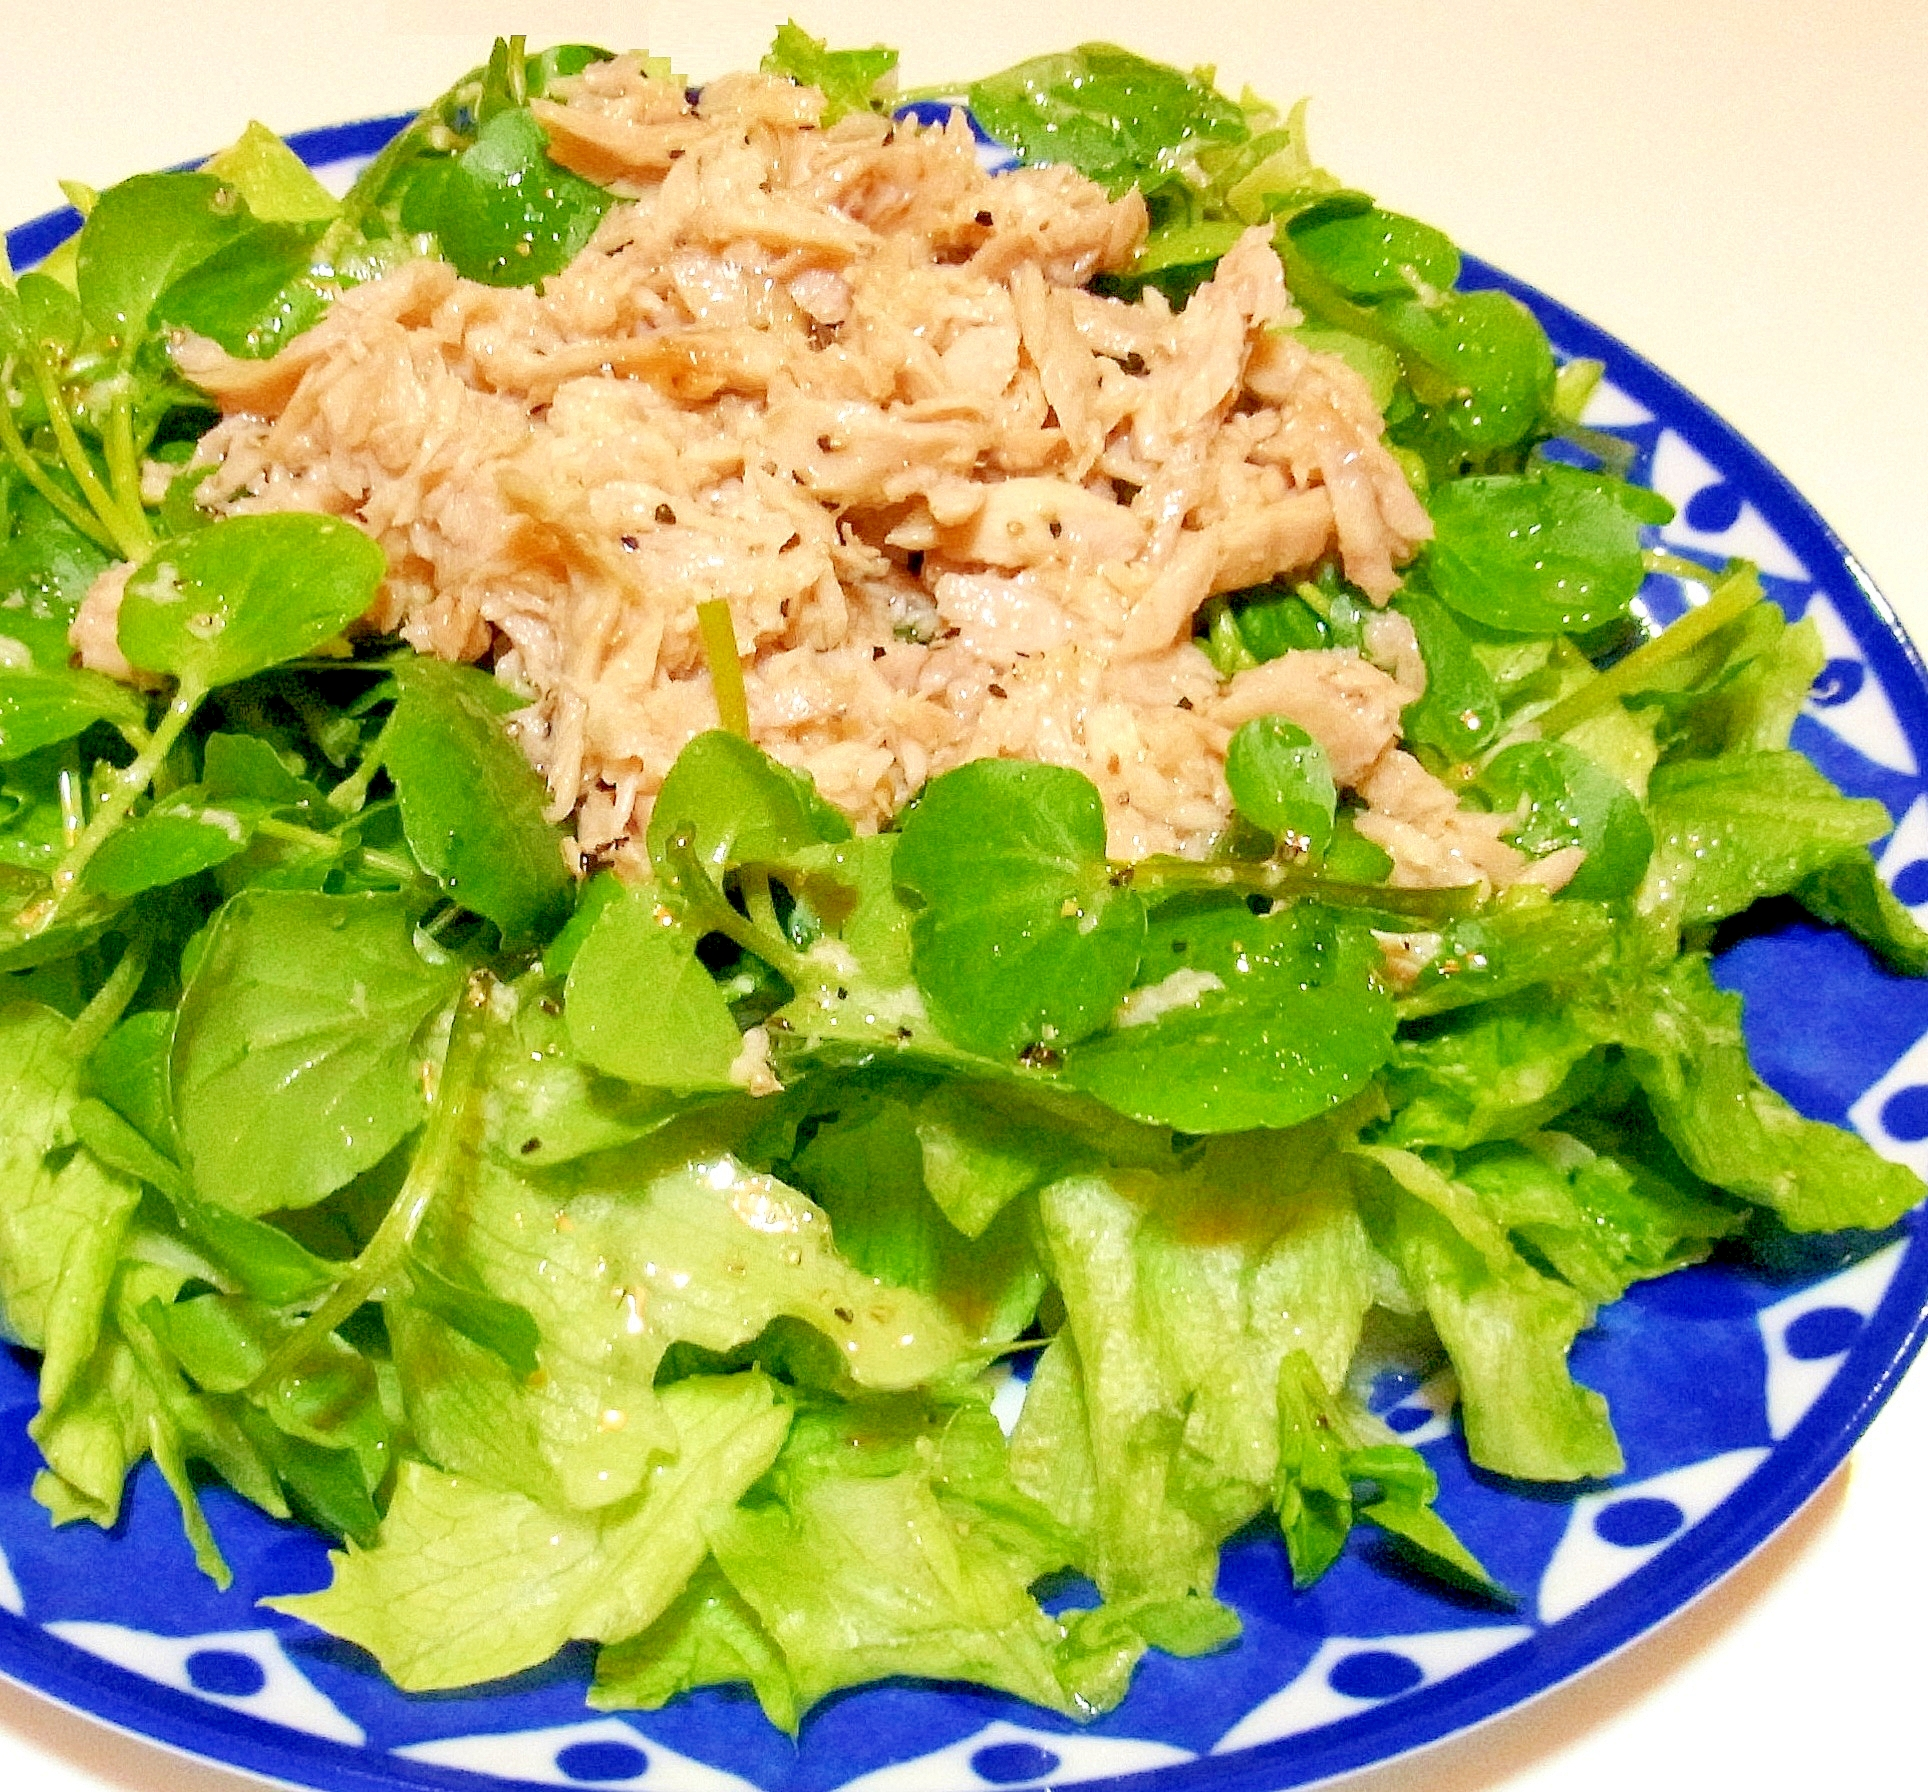 ツナとクレソンのサラダ(レモンオイルドレッシング)